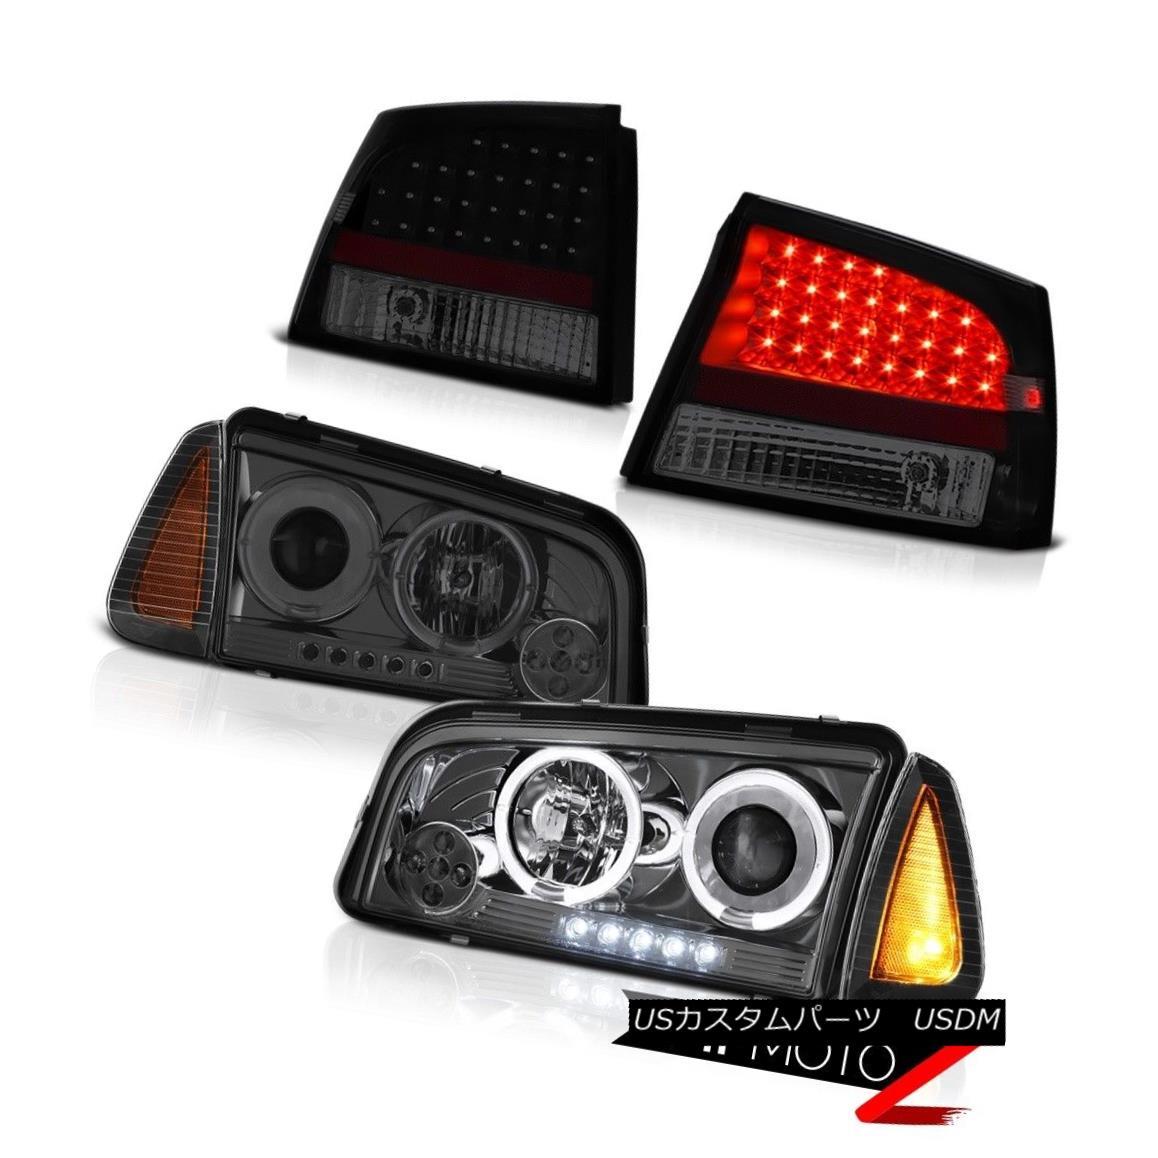 テールライト 06 07 08 Dodge Charger DUB Tail lamps inky black corner light smokey headlights 06 07 08ダッジ・チャージャーダブテール・ランプインク・ブラック・コーナー・ライト・スモー・ヘッドライト